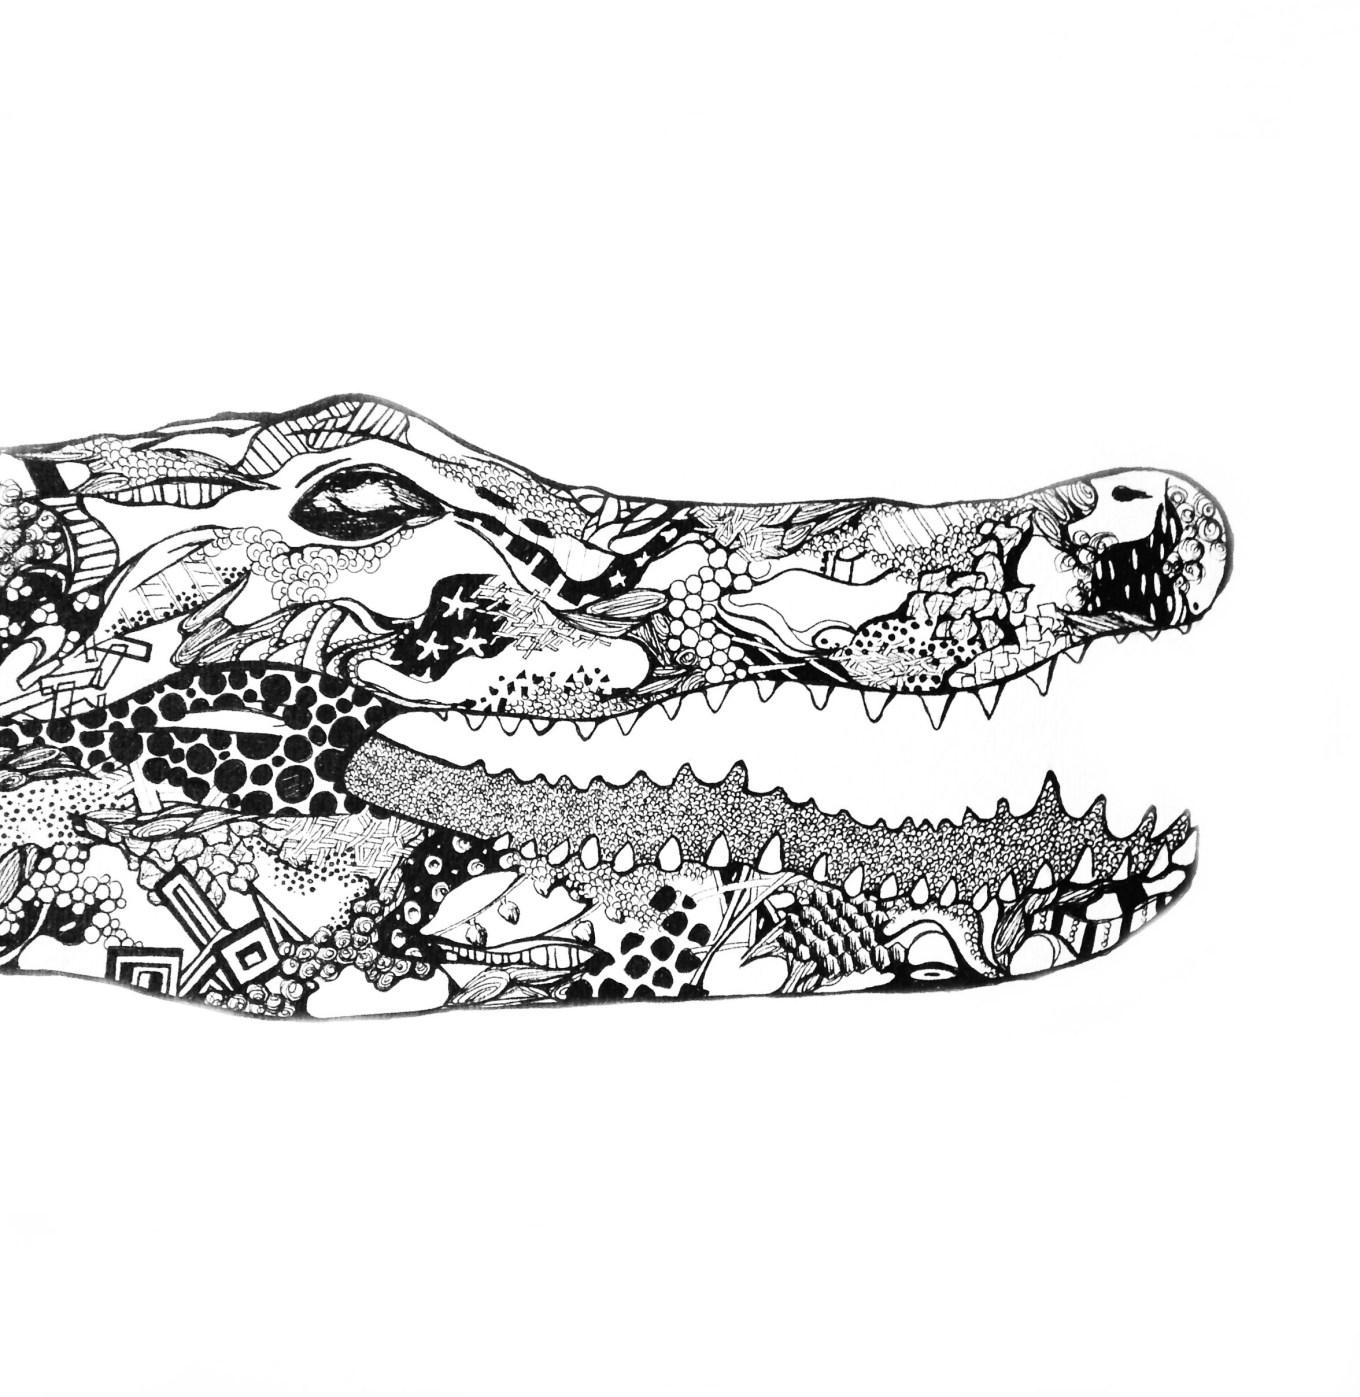 Alligator head_Kelsey Montague